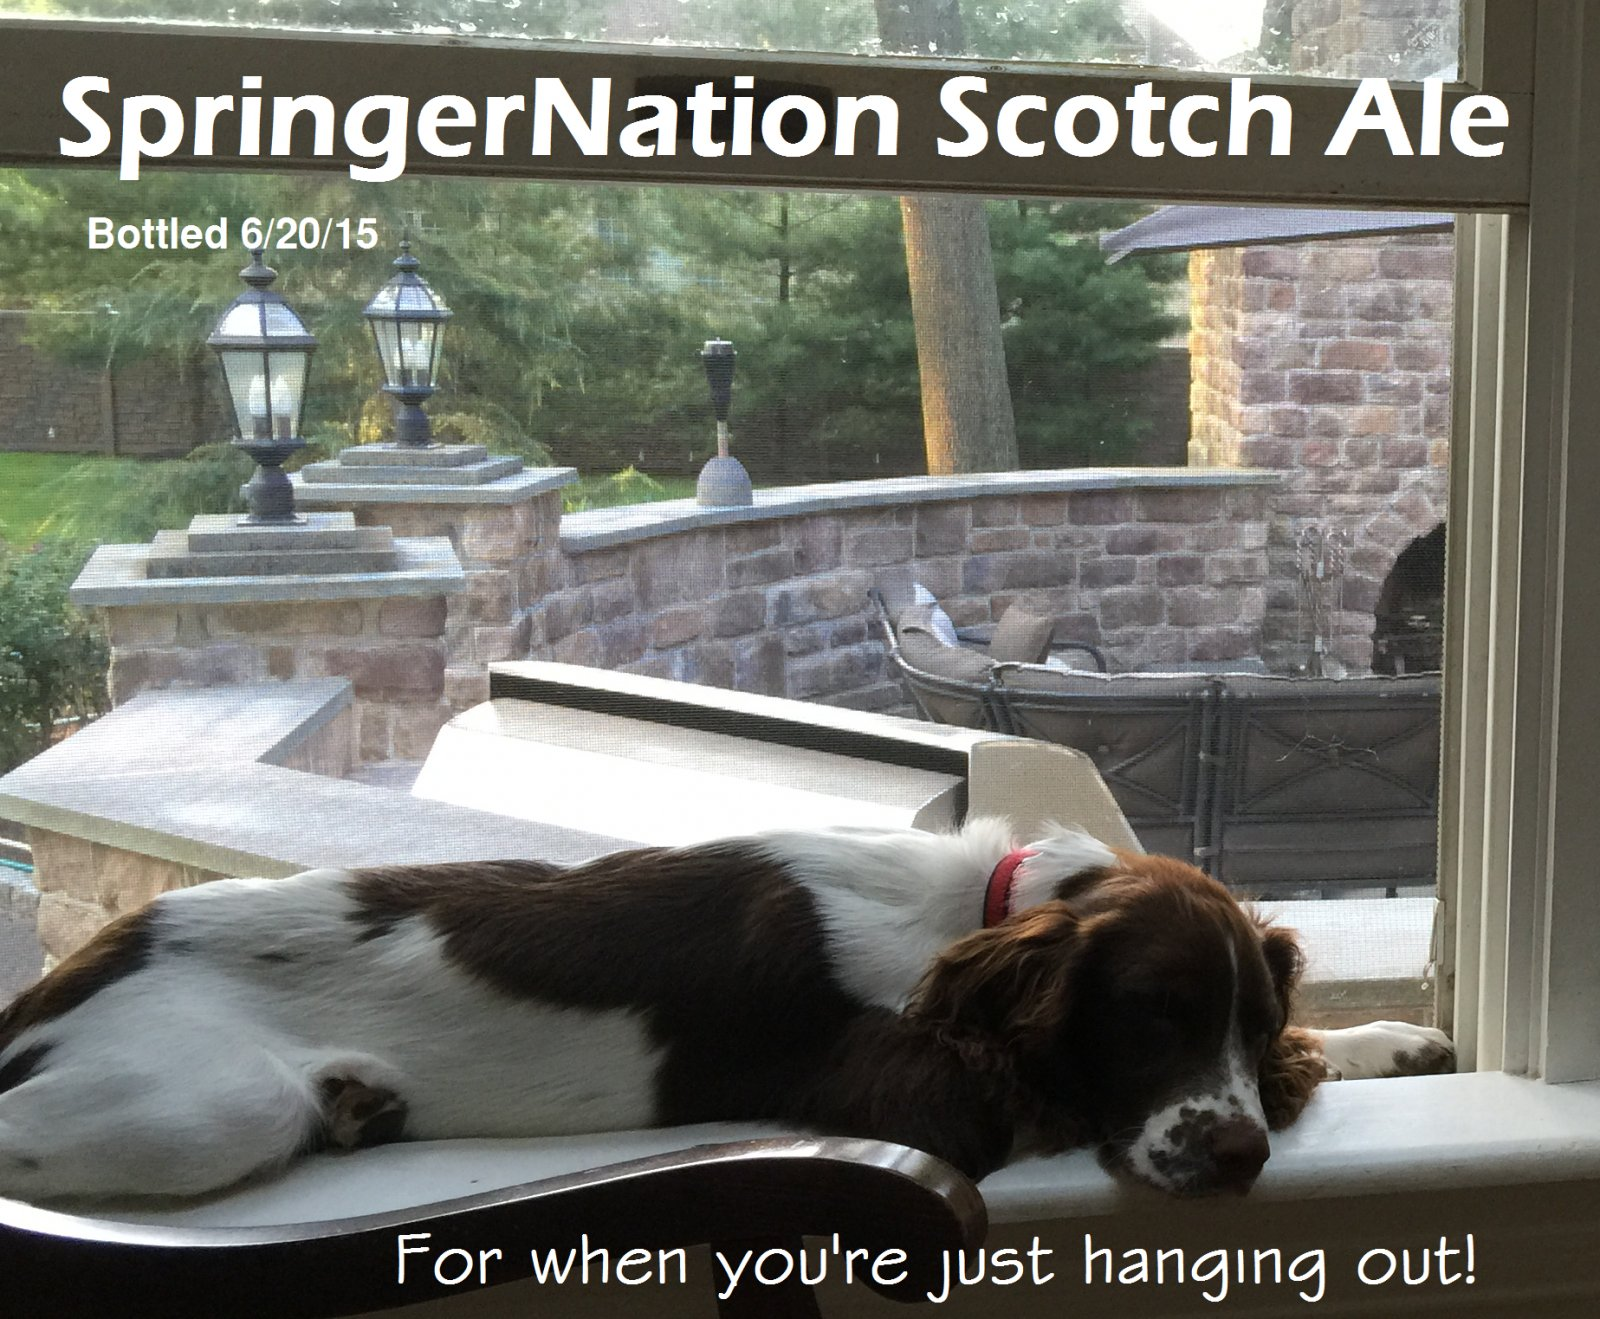 Click image for larger version  Name:SpringerNation Scotch Ale Label3.jpg Views:42 Size:380.8 KB ID:101503